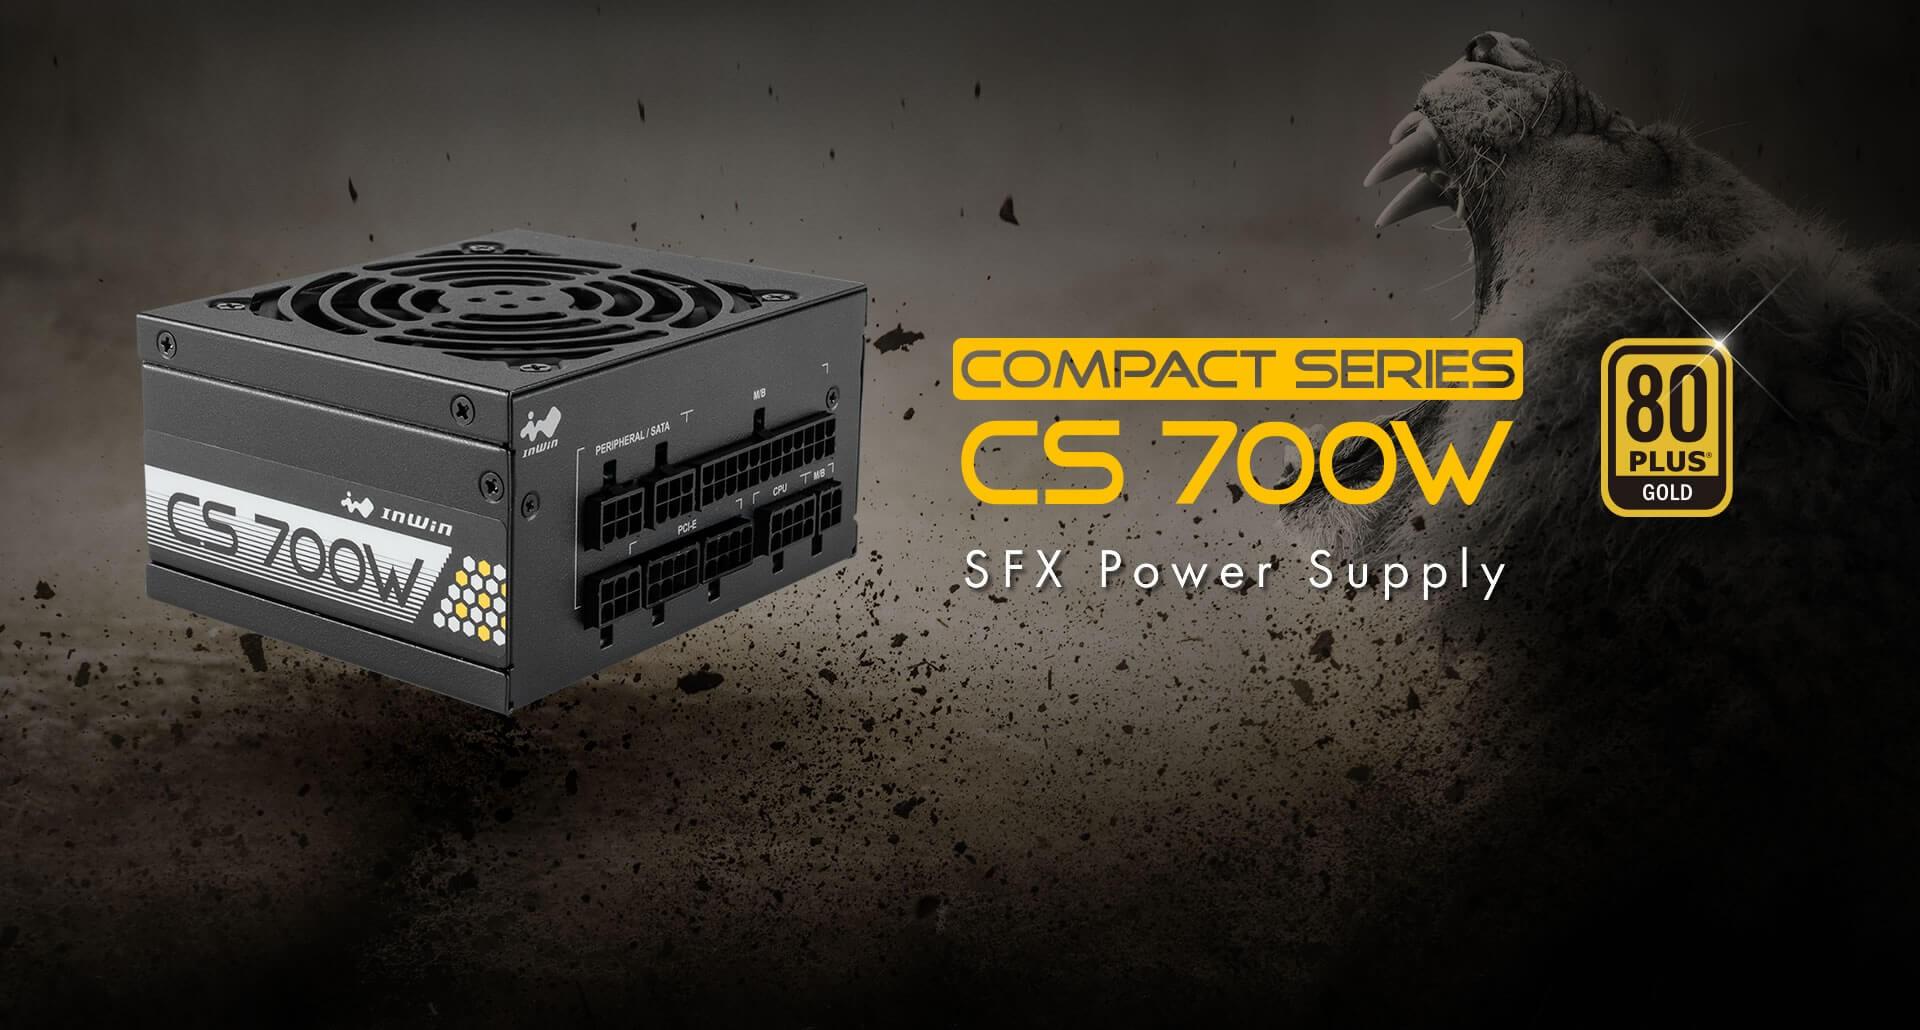 CS-700W